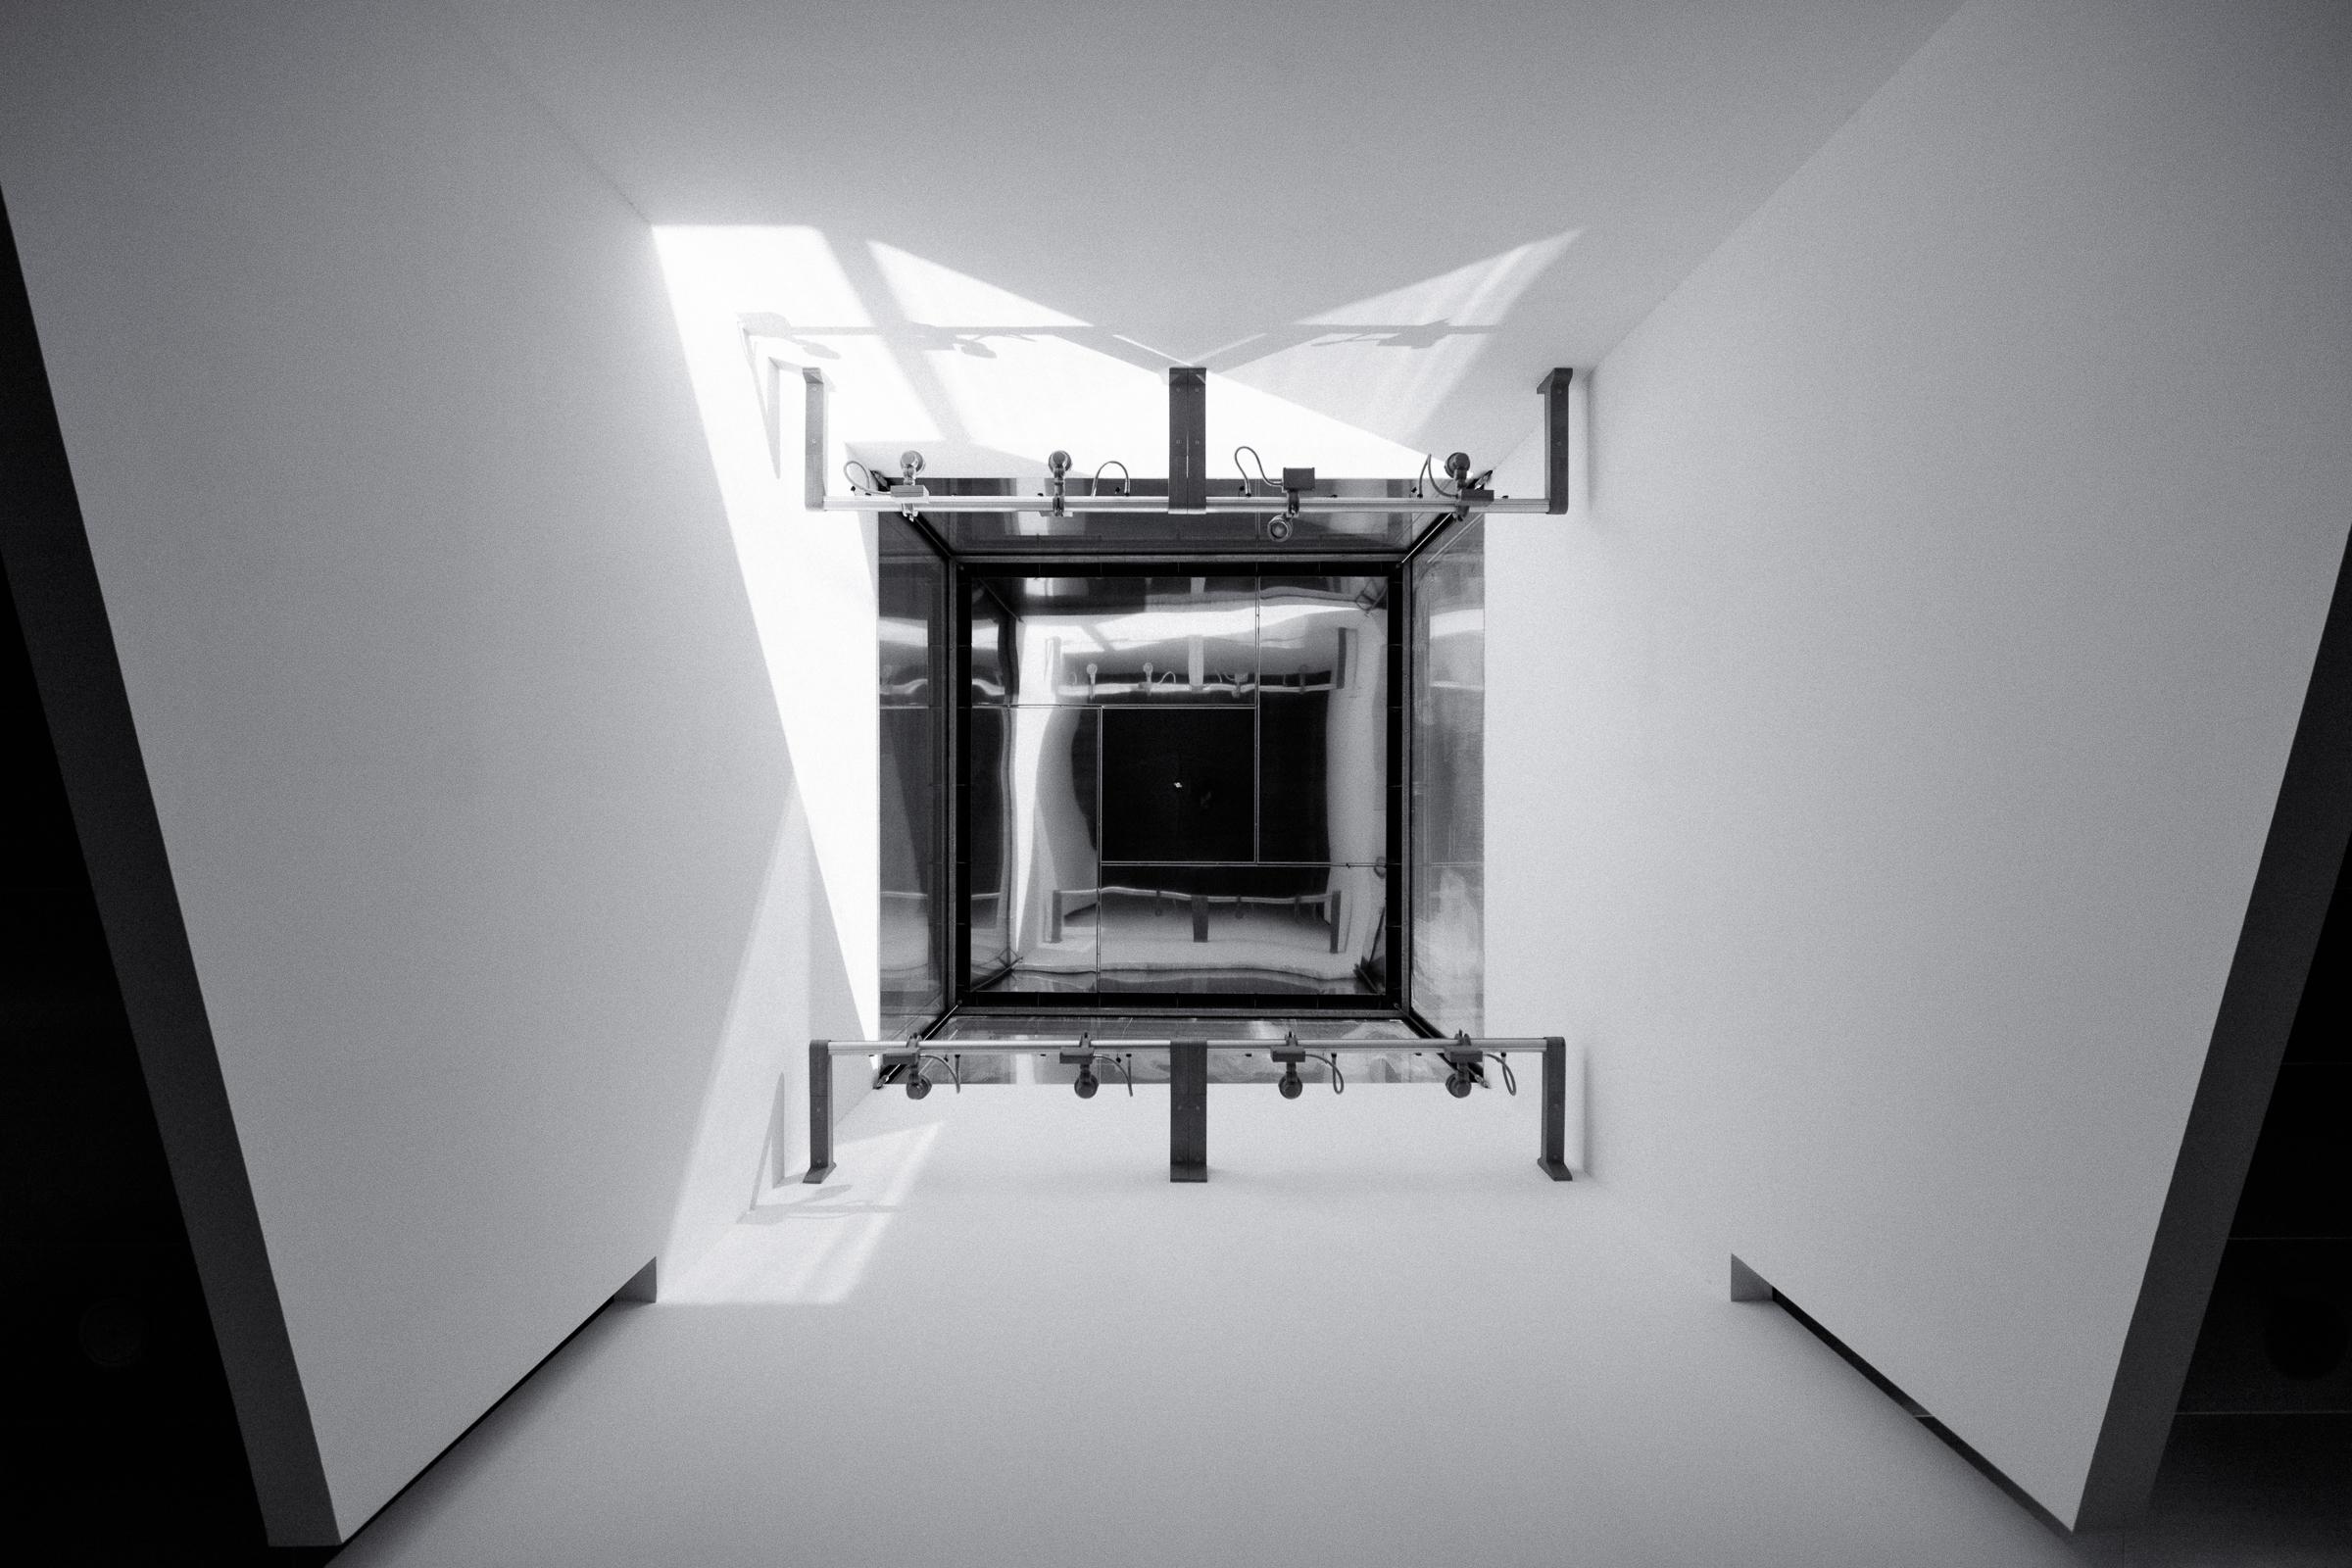 33.52 Museu del Disseny de Barc - bigkids | ello